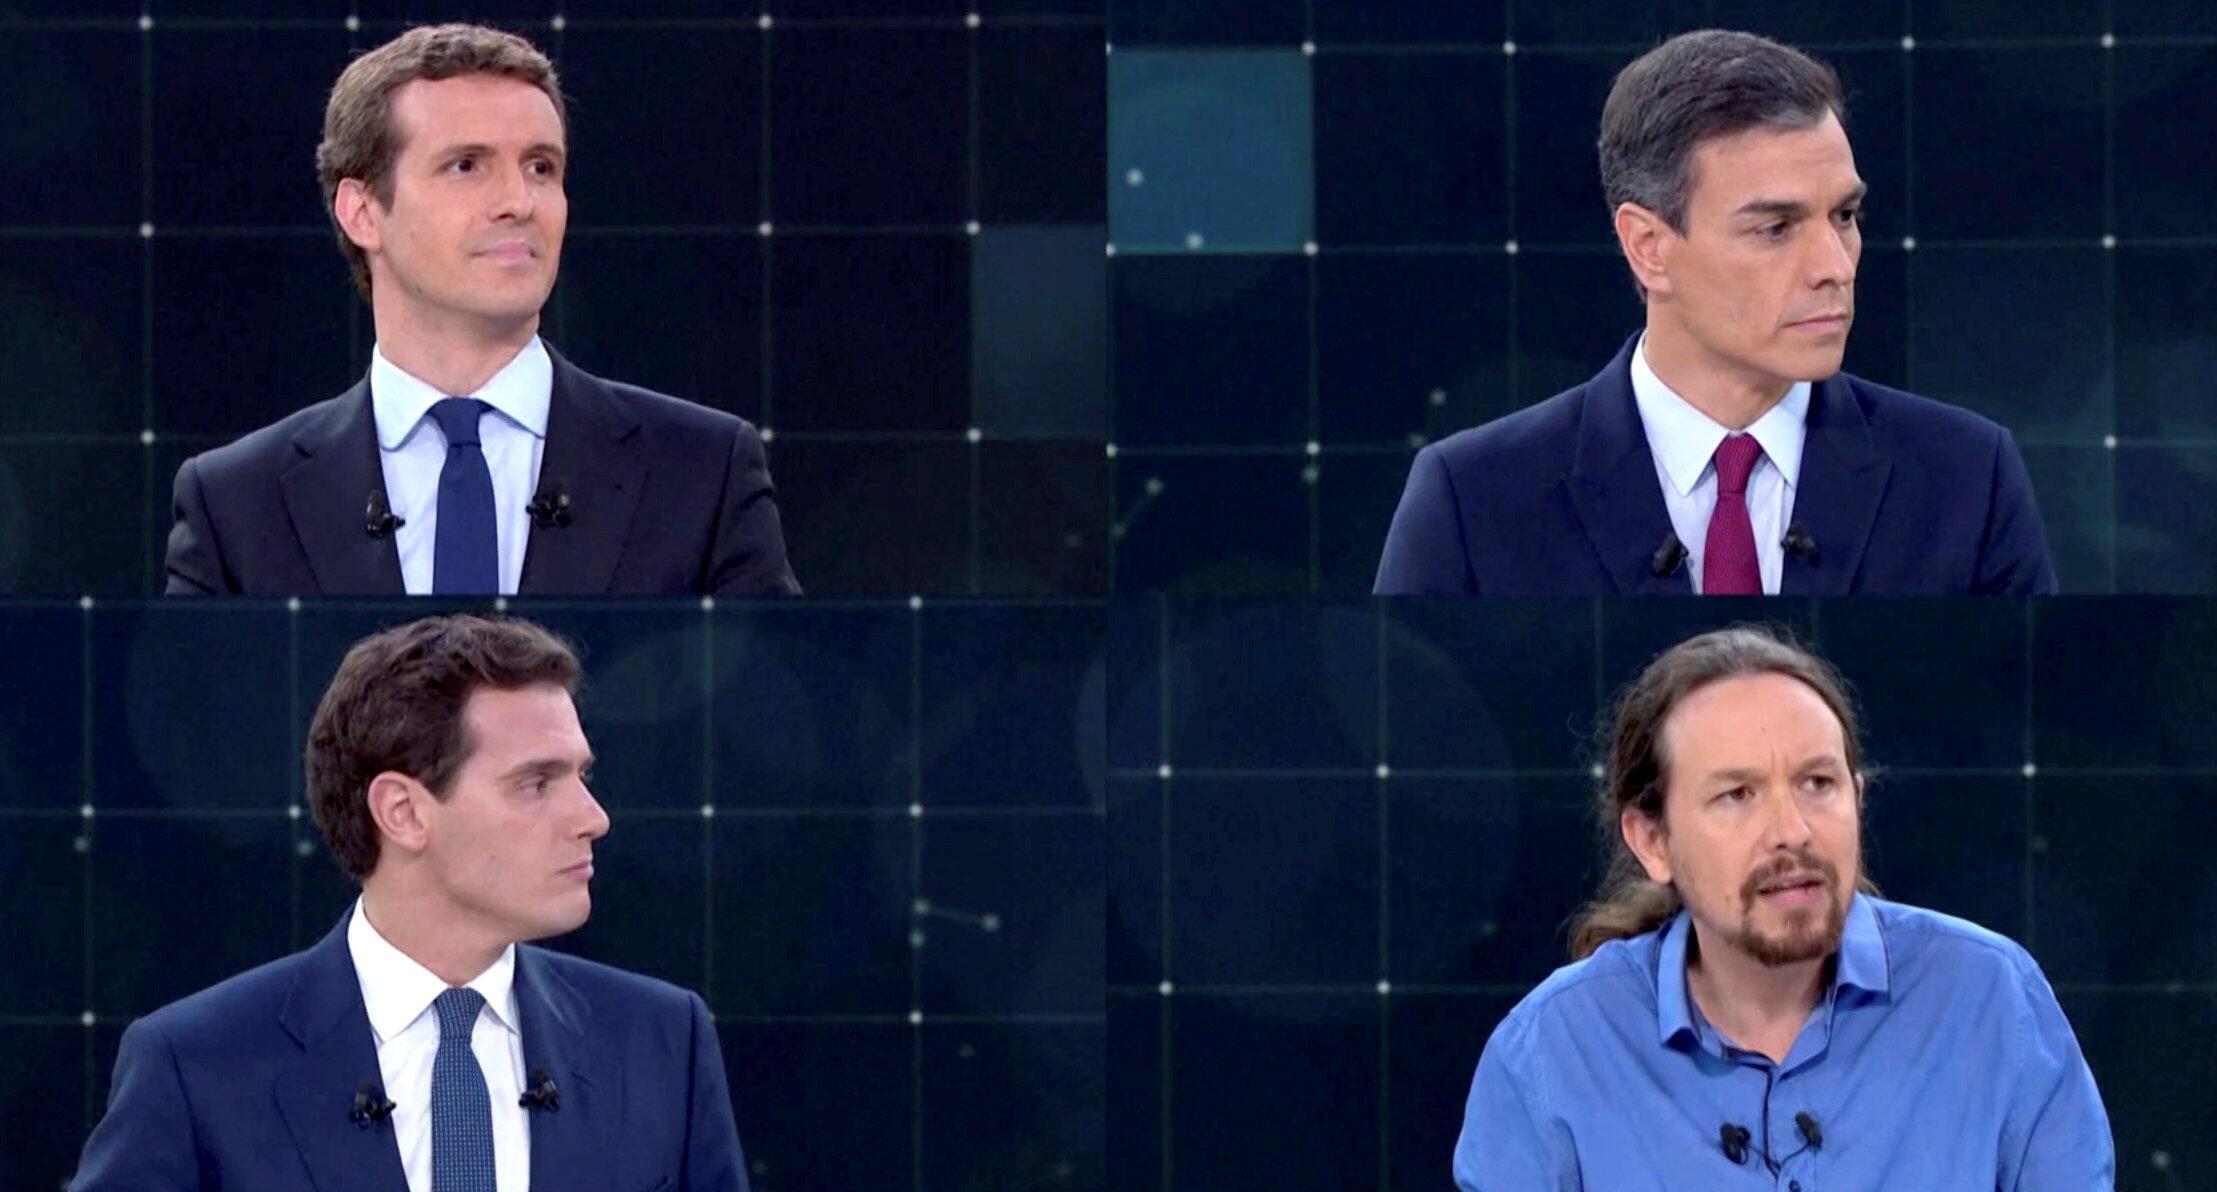 Pablo Casado, Pedro Sánchez, Albert Rivera e Pablo Iglesias se enfrentam em primeiro debate pela televisão nesta segunda-feira (22).